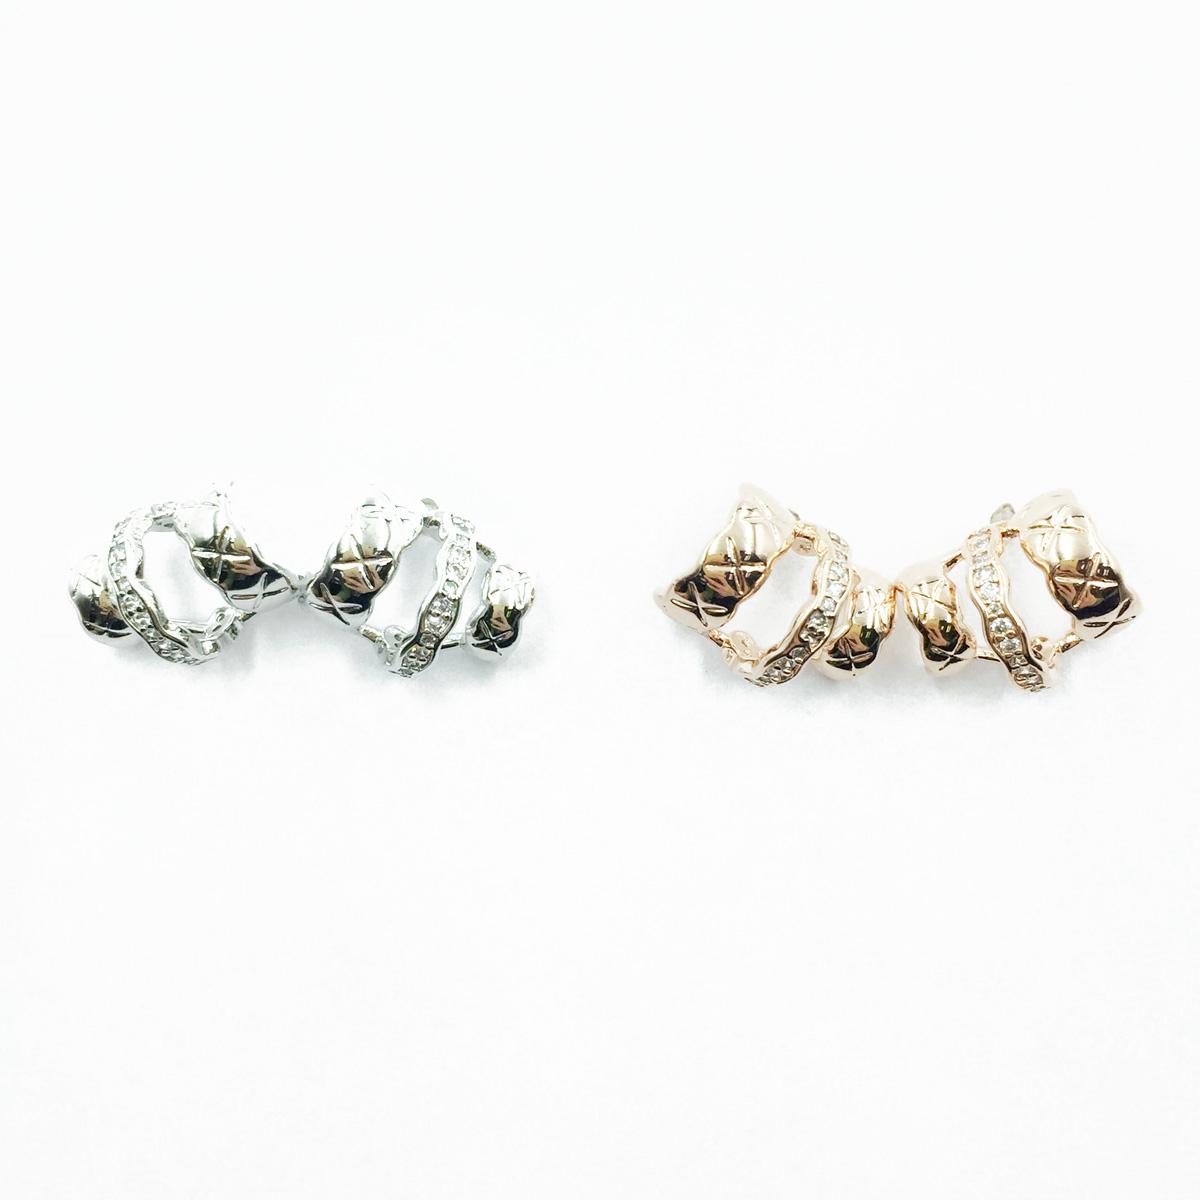 韓國 925純銀 X刻紋 C環圈 半圓 水鑽 2色 耳針式耳環